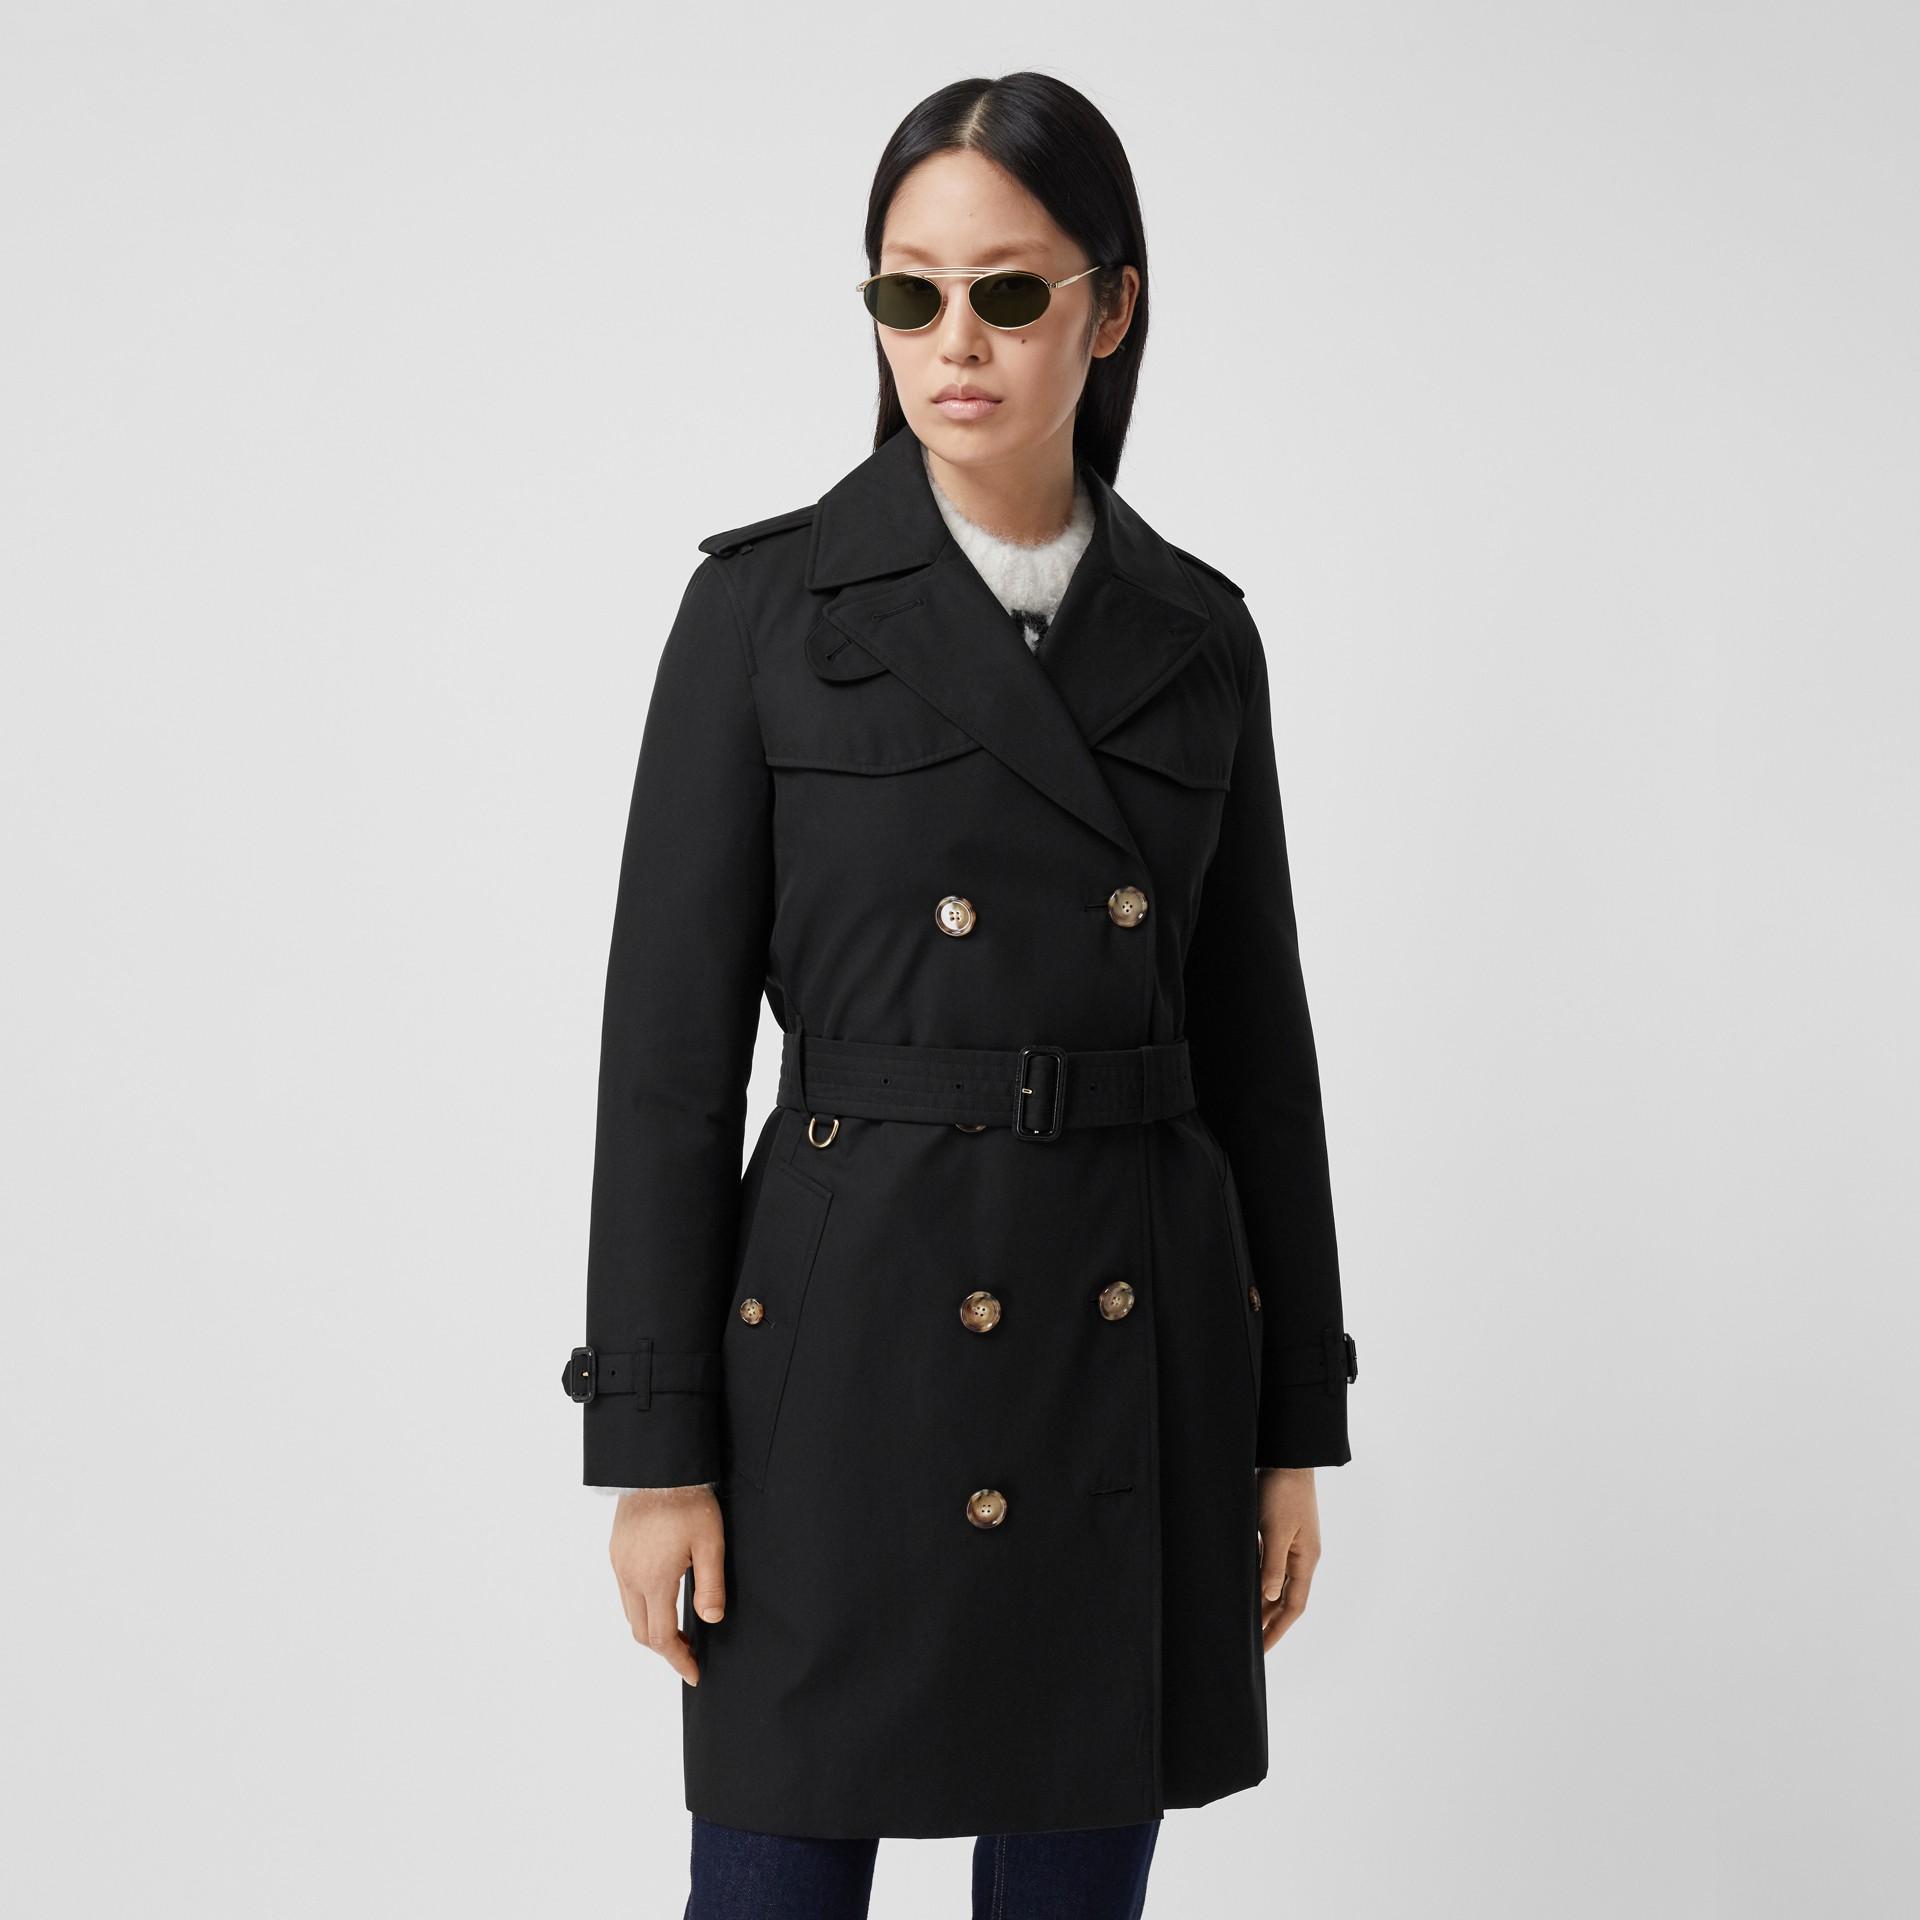 Trench coat Islington curto (Preto) - Mulheres   Burberry - galeria de imagens 6